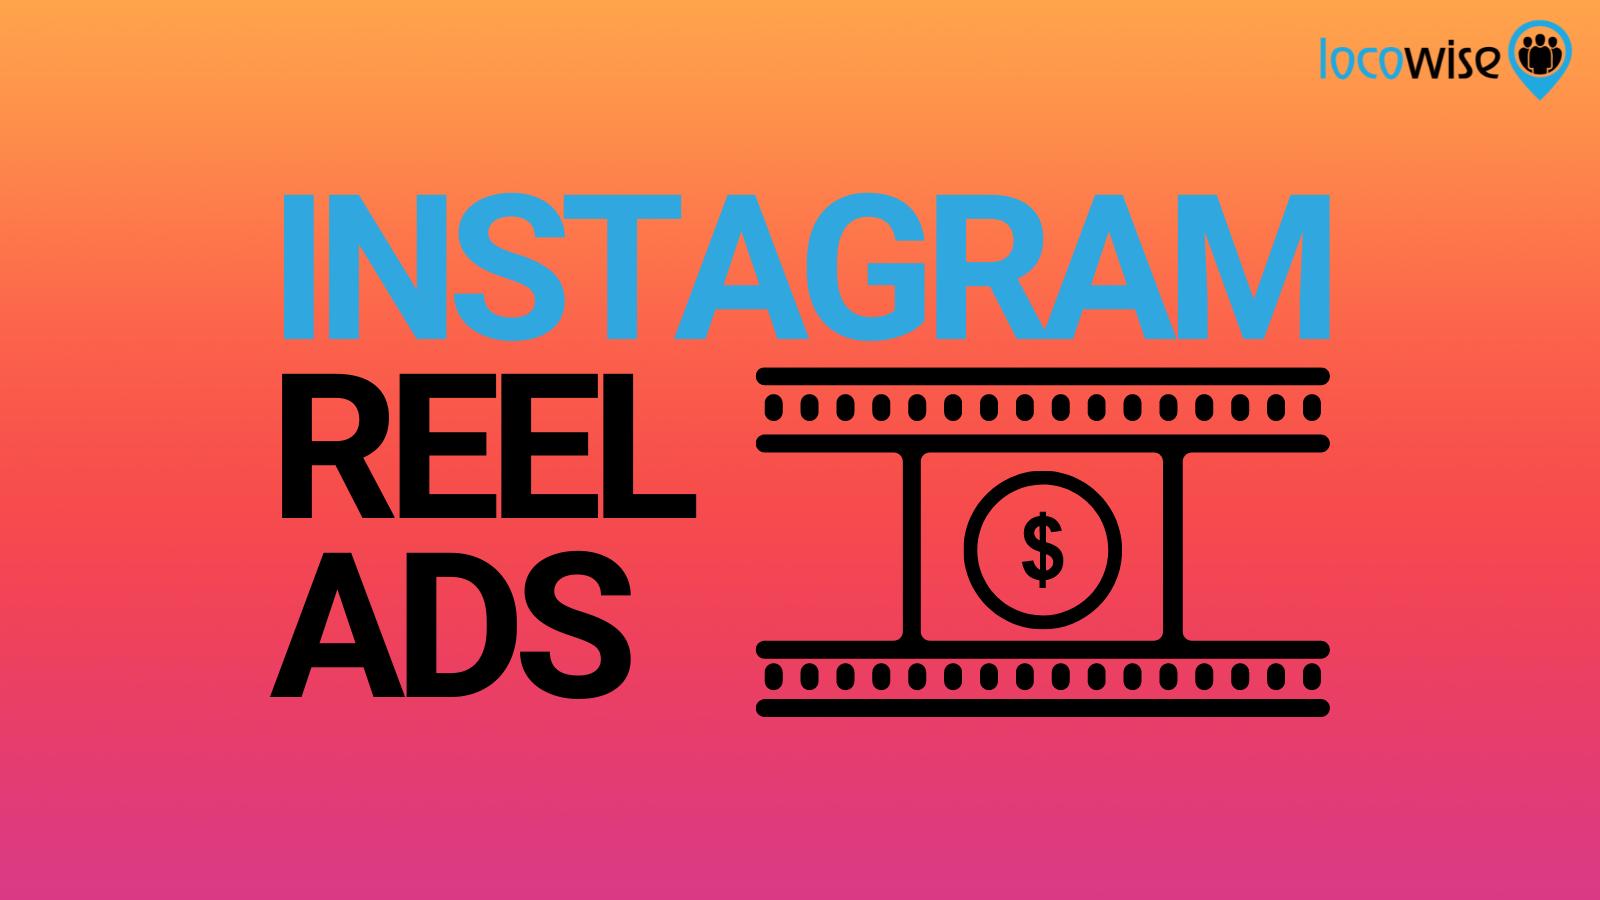 Instagram Reel Ads Worldwide